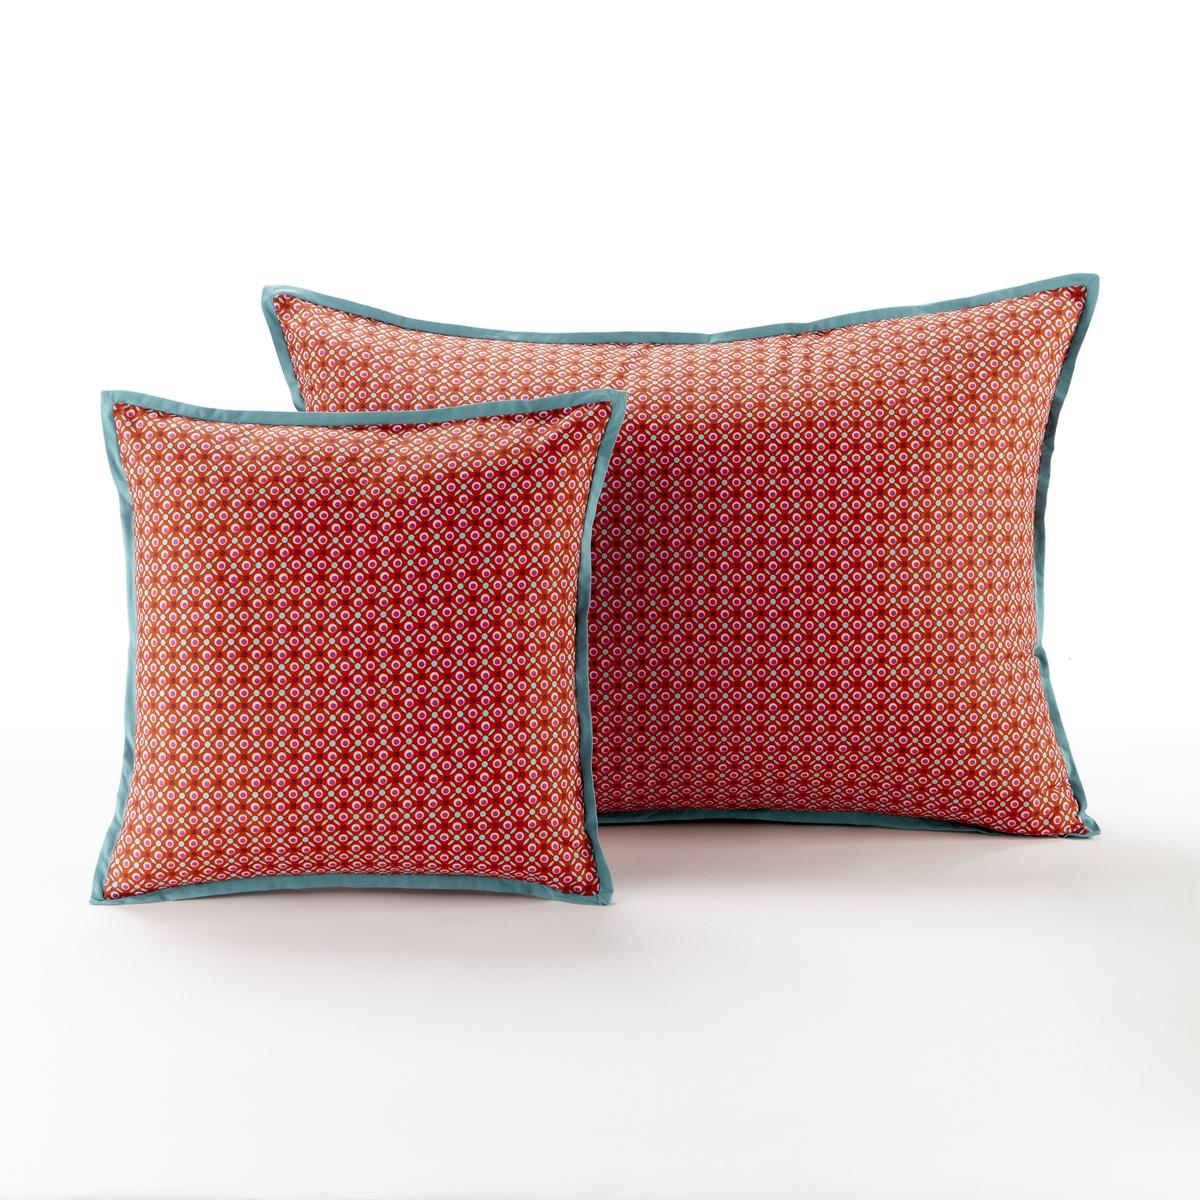 Наволочка на подушку-валик или подушку, NILARХарактеристики наволочки на подушку-валик или подушку, NILAR  :Не стеганая. Галстучный рисунок с преобладанием красного цвета. Контрастные края бирюзового цвета. Застежка на скрытую молнию.Состав наволочки на подушку-валик или подушку , NILAR  :Перкаль, 100% хлопкаМашинная стирка при 40 °СРазмеры наволочки :40 x 40 см50 x 70 смПроизводство осуществляется с учетом стандартов по защите окружающей среды и здоровья человека, что подтверждено сертификатом Oeko-tex®.<br><br>Цвет: красный/сливовый<br>Размер: 40 x 40  см